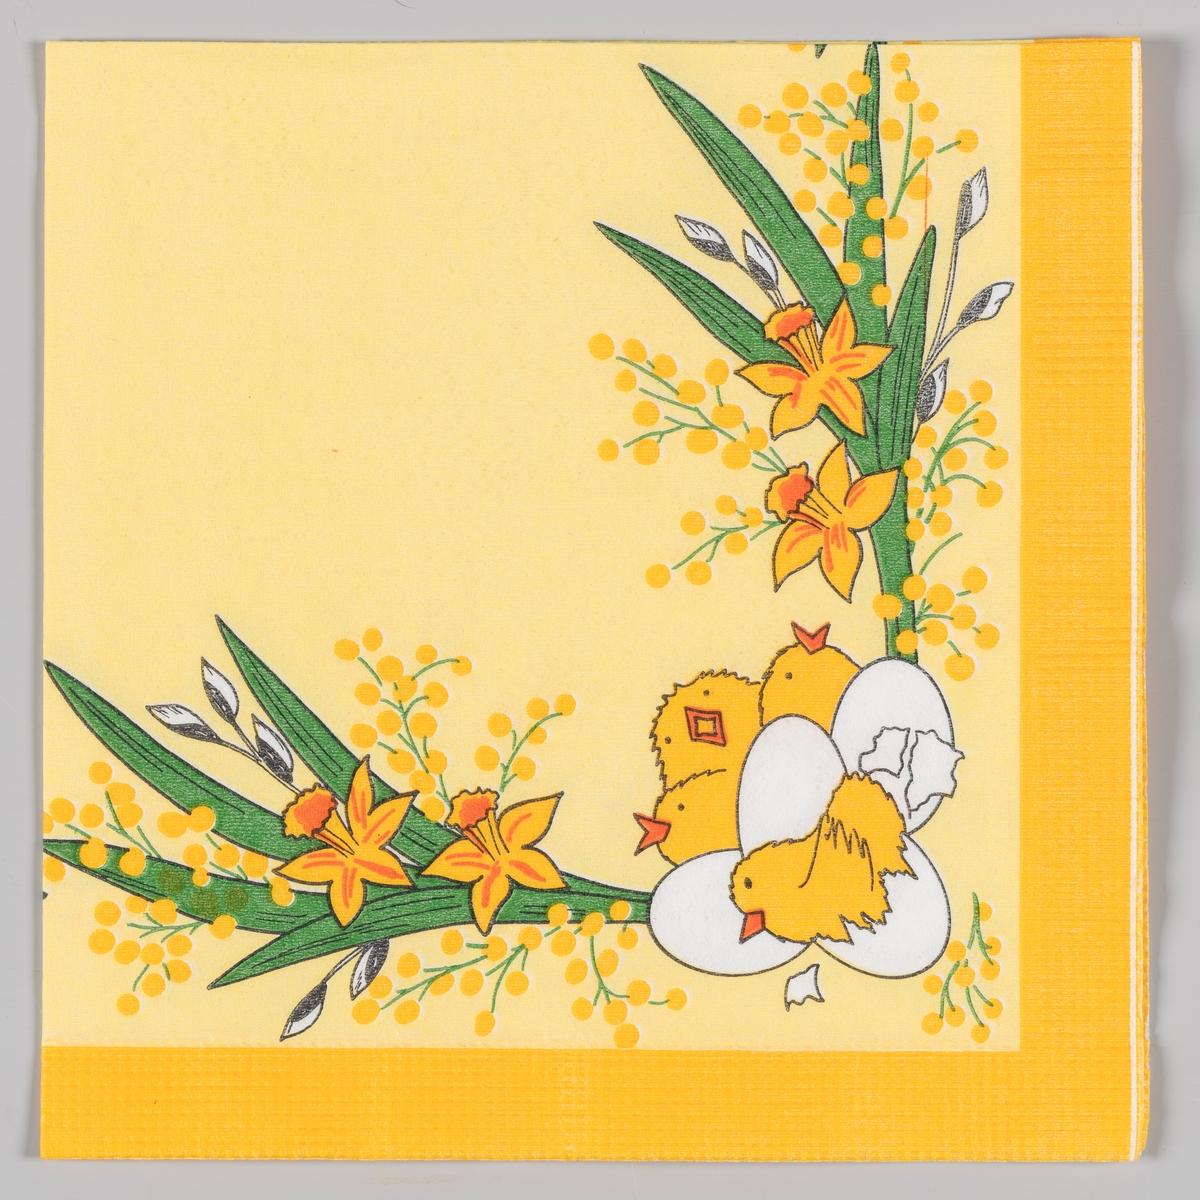 """En kylling som sitter i skallet til et egg, flere hvite egg og tre pippende kyllinger. Buketter med påskeliljer, grener med """"gåsunger"""" og gule mimoser."""